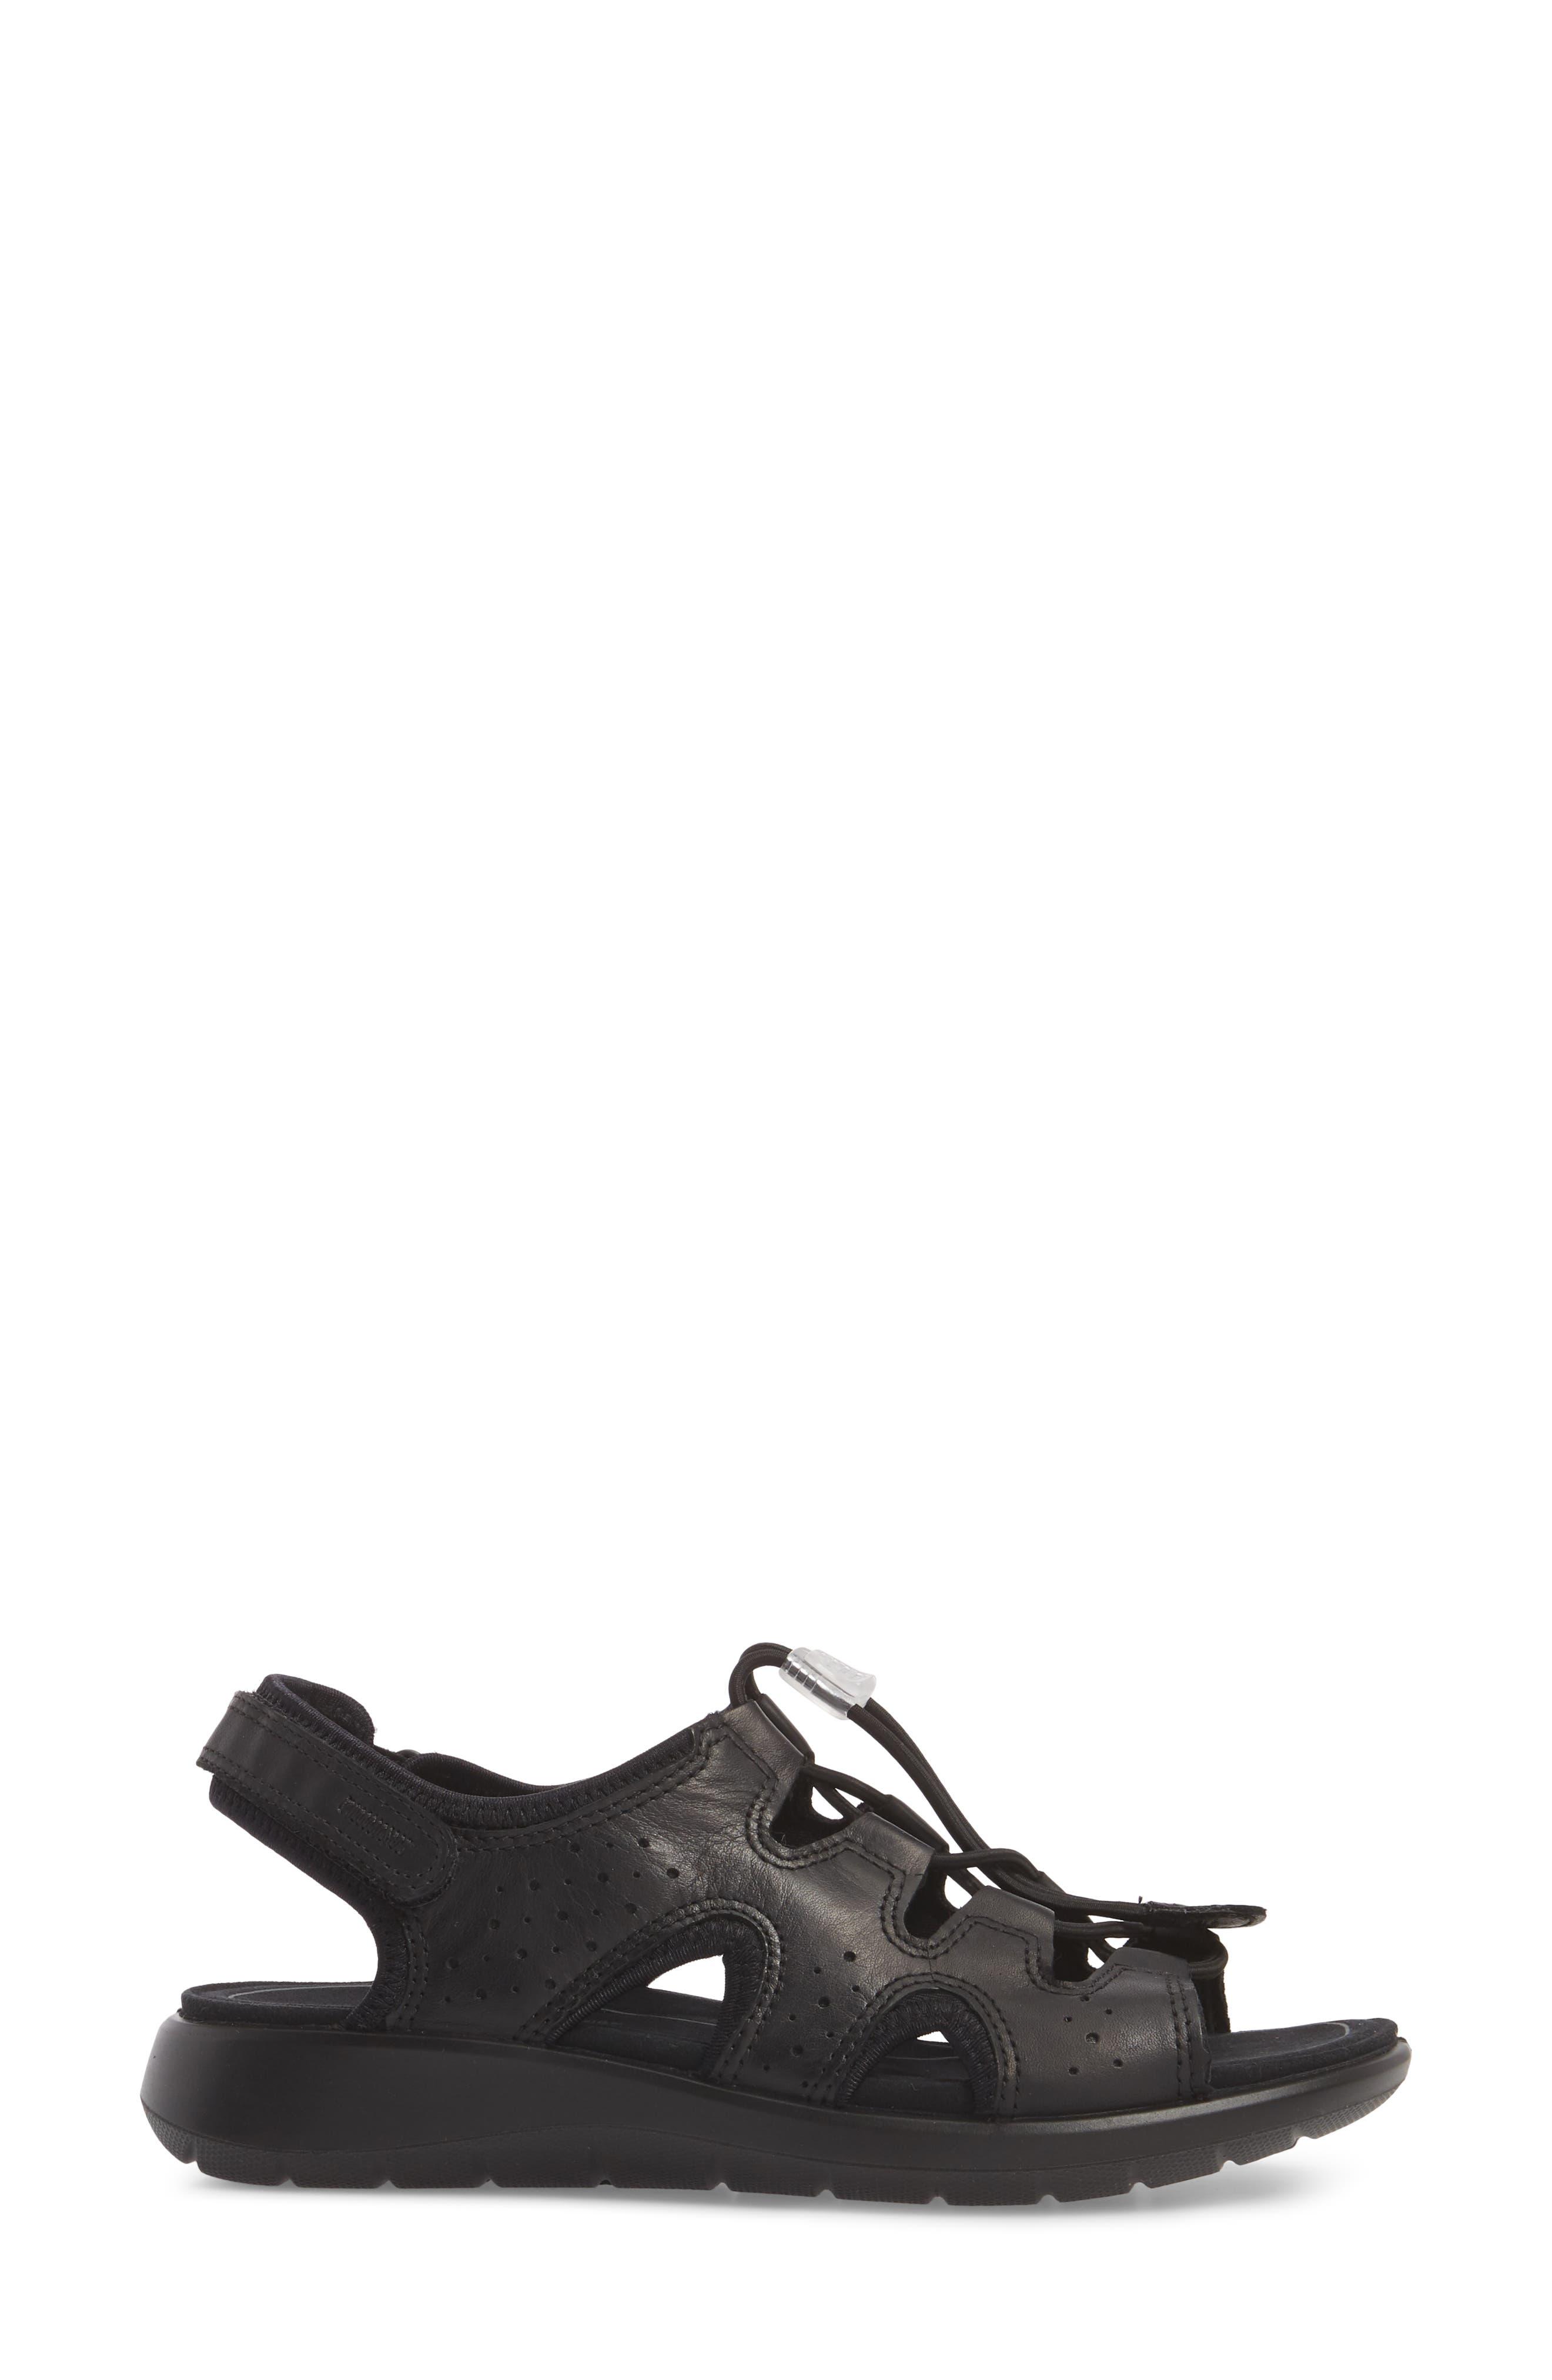 Bluma Toggle Sandal,                             Alternate thumbnail 3, color,                             Black Leather